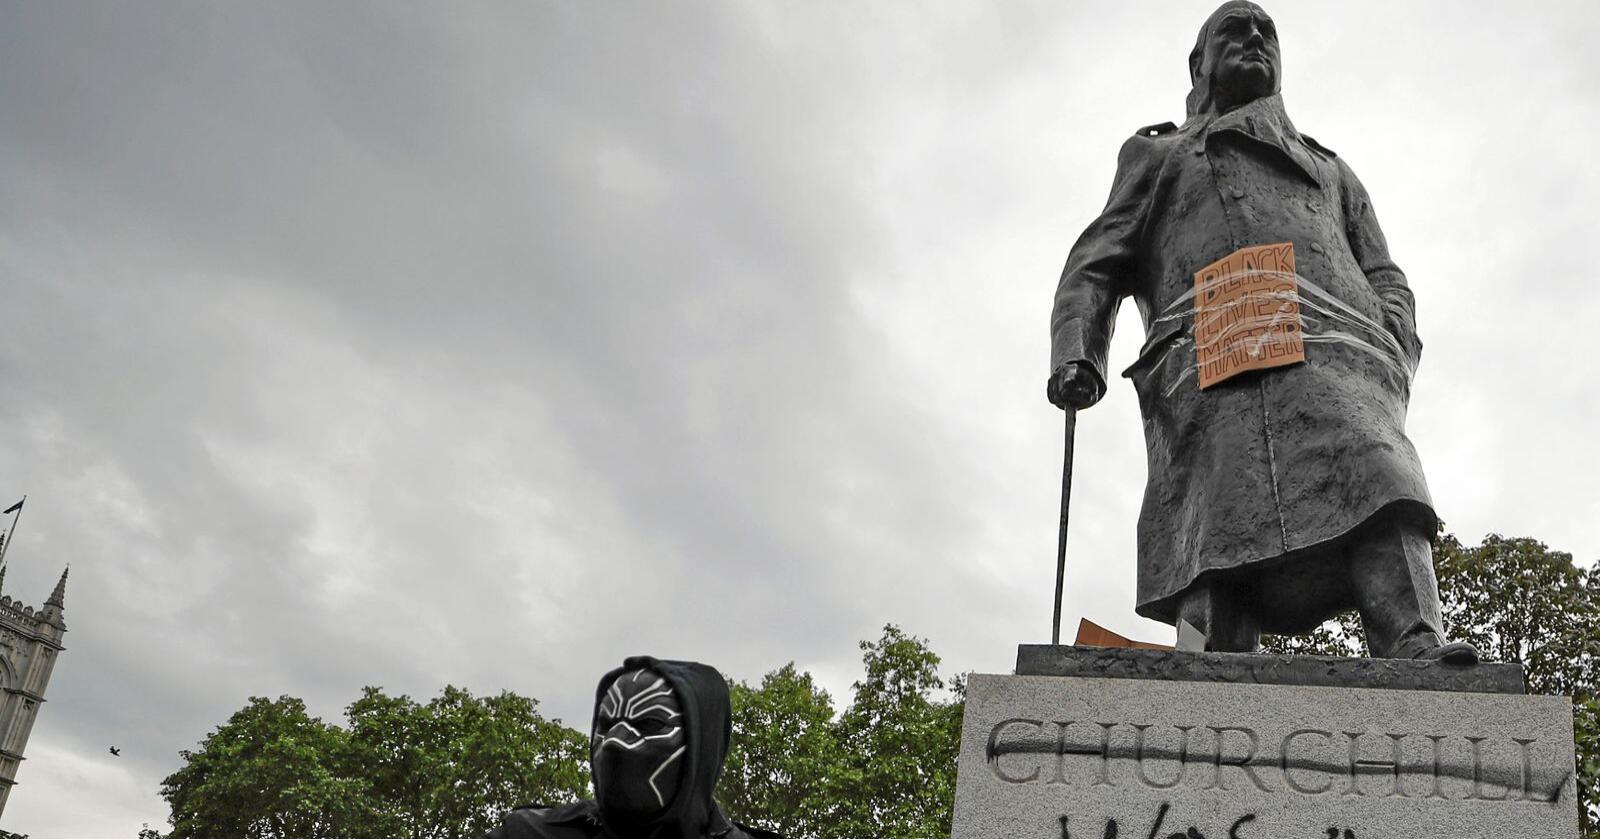 Vi krever statuer fjernet når de representerer mennesker som forsvarte kolonivesenet eller investerte i slavehandel, men er lite opptatt av at vår egen rikdom også bygger på undertrykkelse og utbytting, skriver  Ole-Jacob Christensen. Bildet er fra London tidligere i juni. Foto: Frank Augstein / AP / NTB scanpix